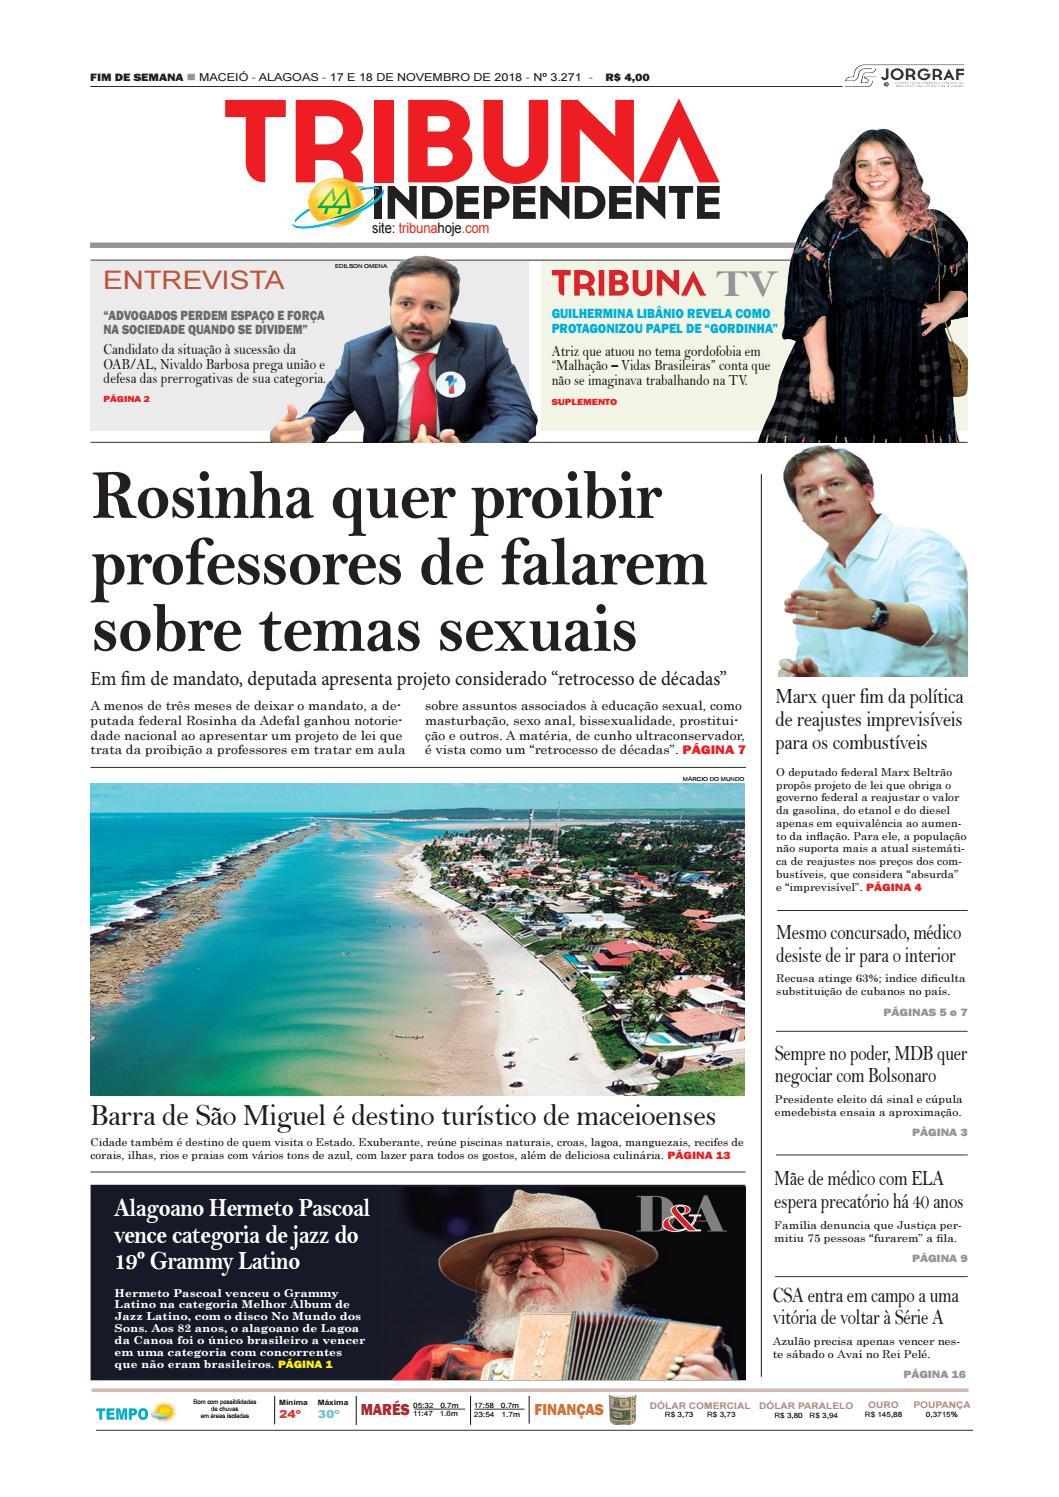 Edição número 3271 - 17 e 18 de novembro de 2018 by Tribuna Hoje - issuu 6415d6712c